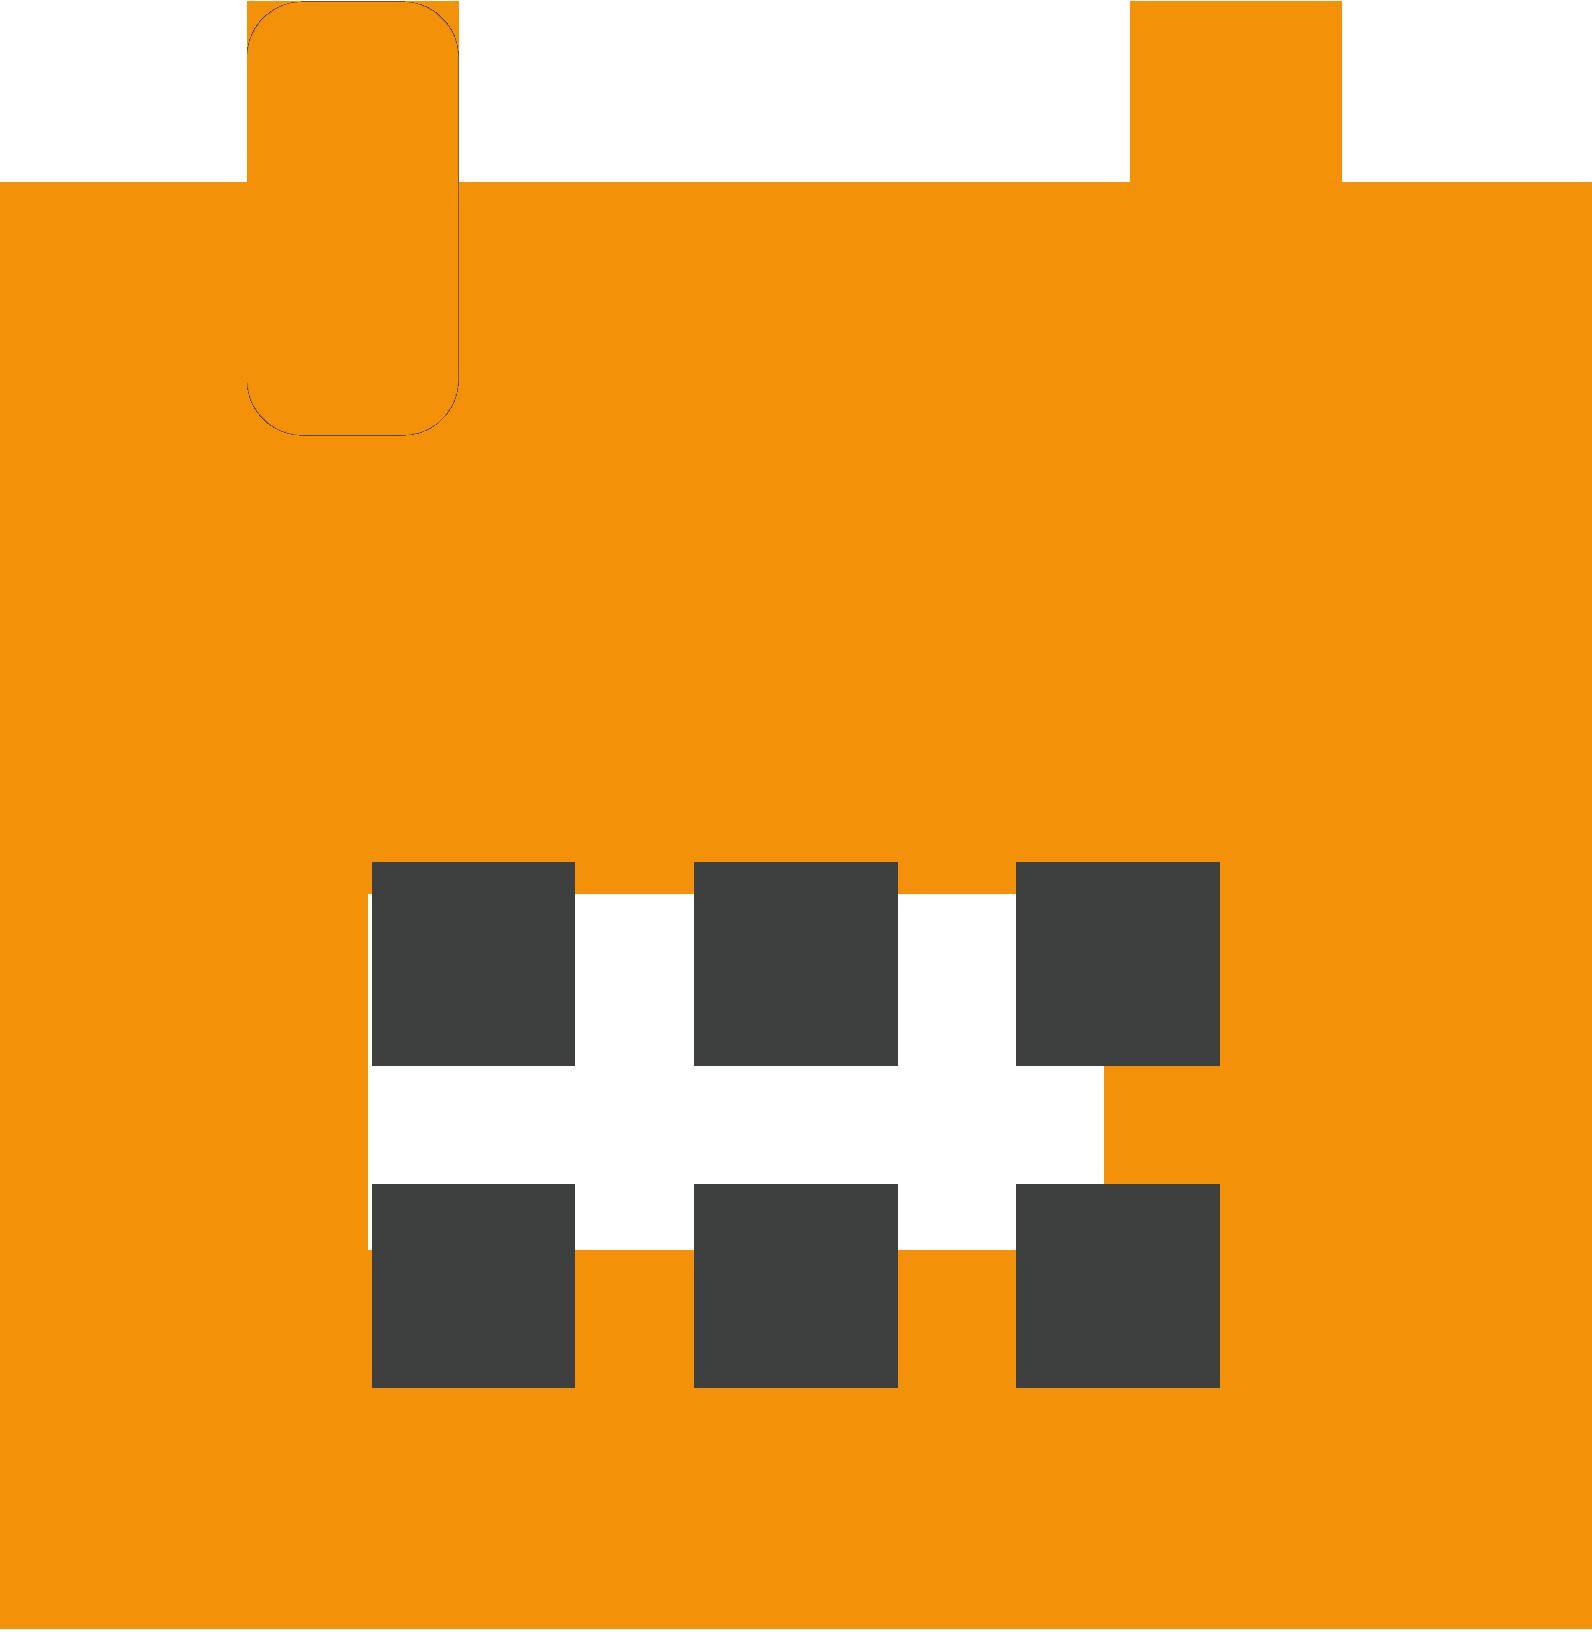 Paquet neutre et « Directive » : rappel général des délais